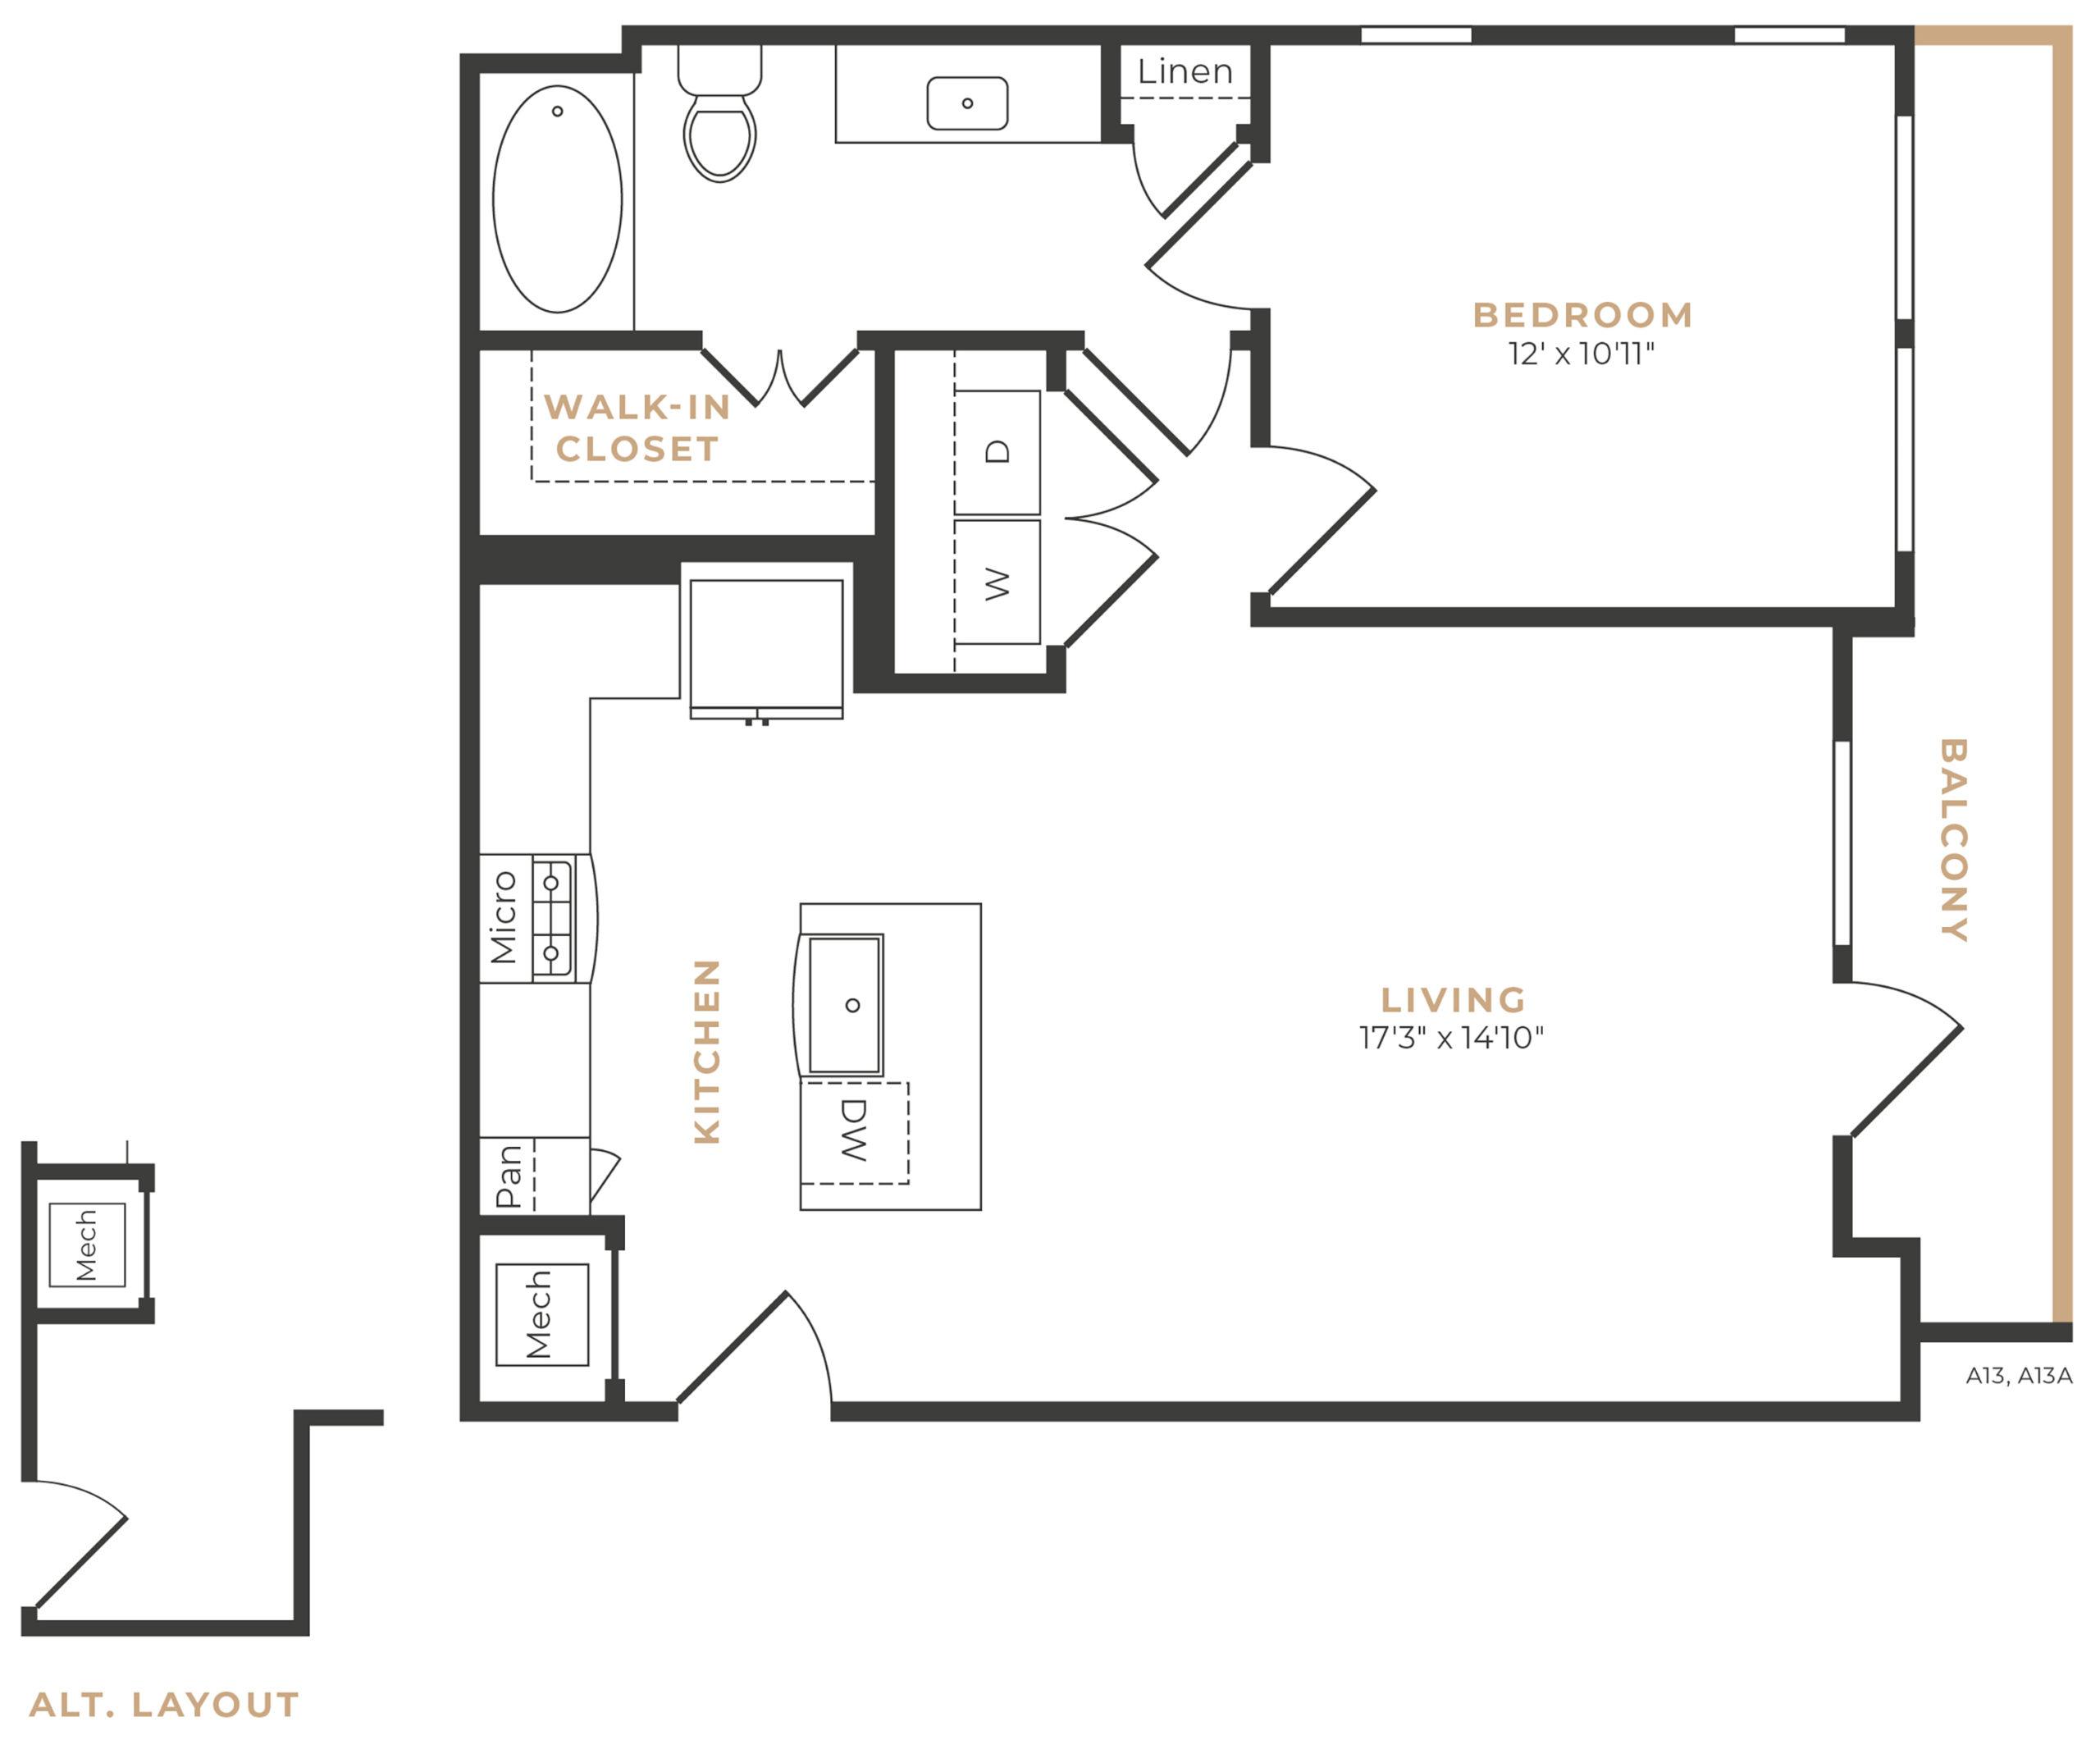 Alexan Memorial One Bedroom Floor Plan A11